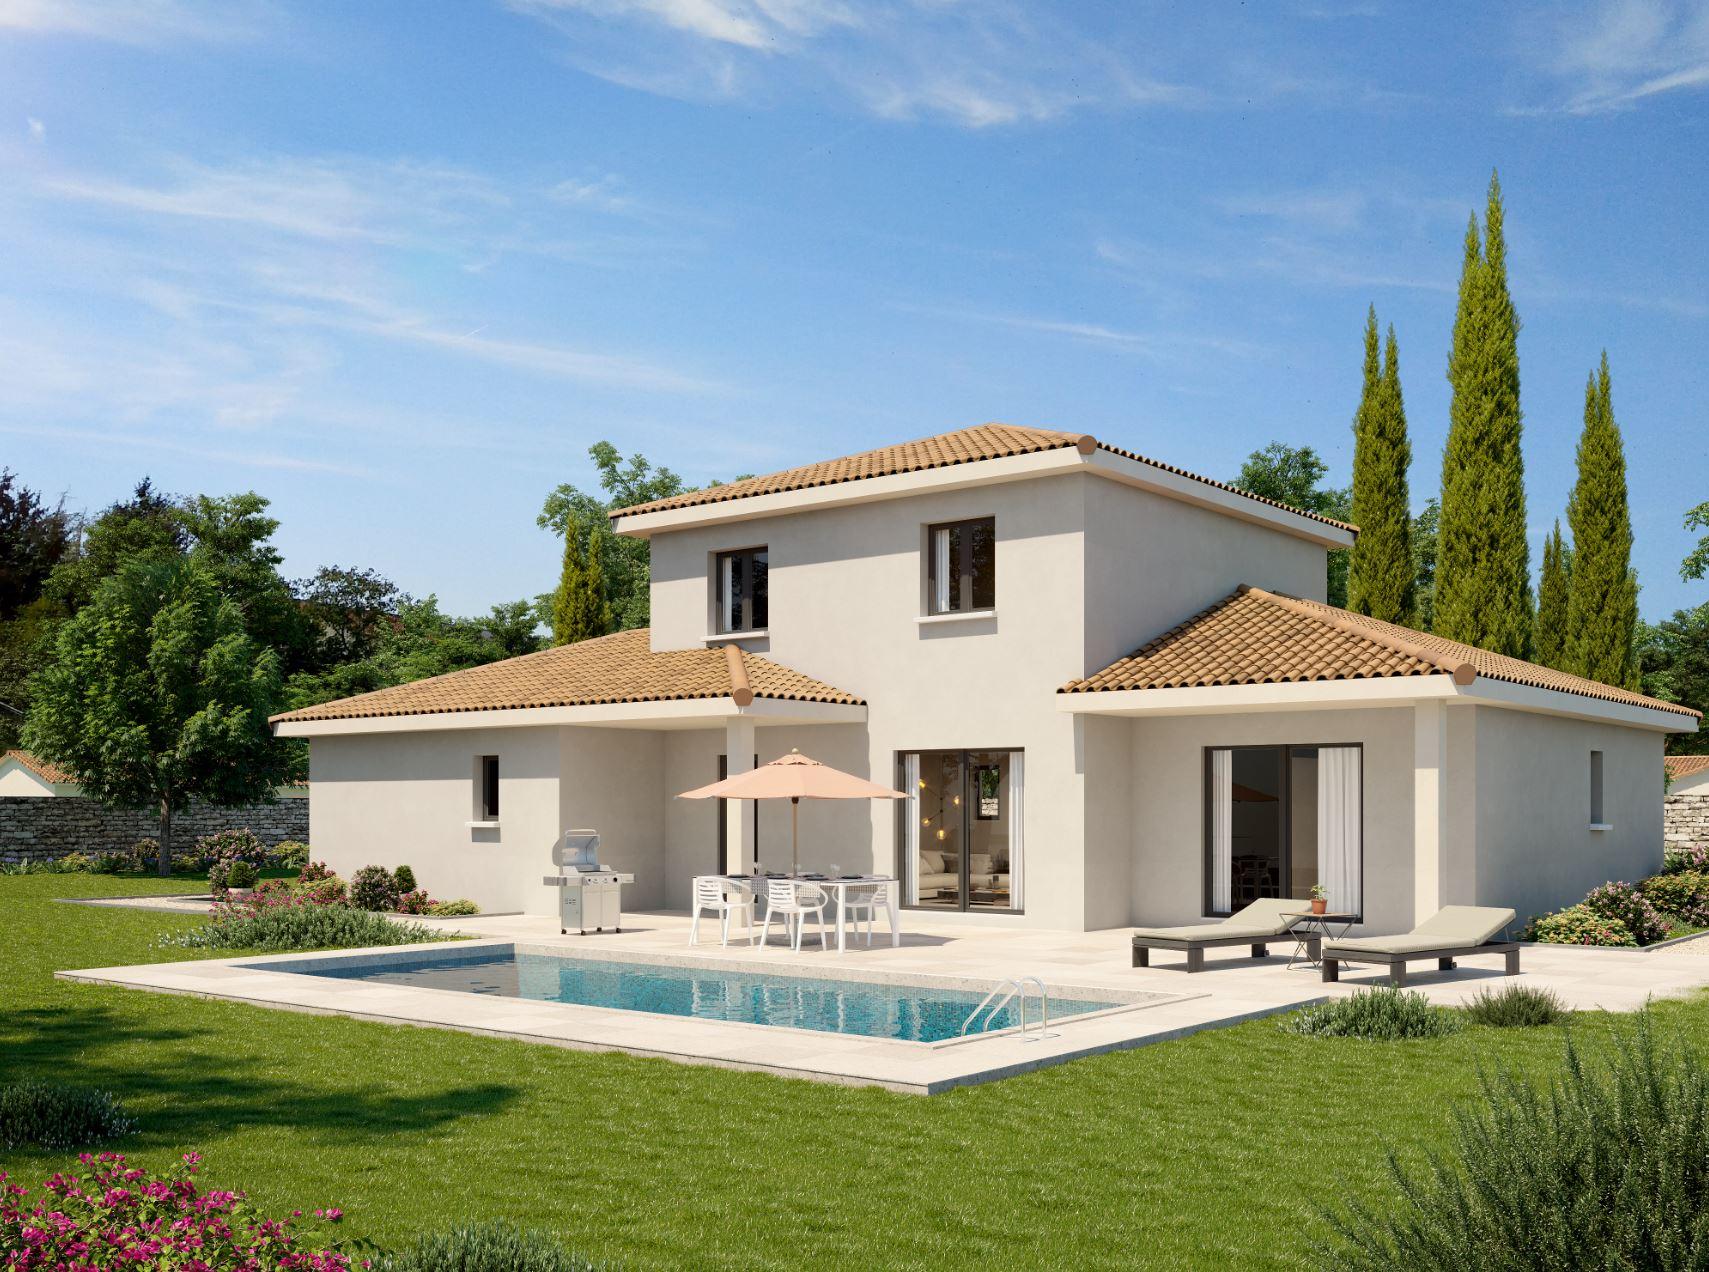 Maisons + Terrains du constructeur DEMEURES CALADOISES • 120 m² • MONTBRISON